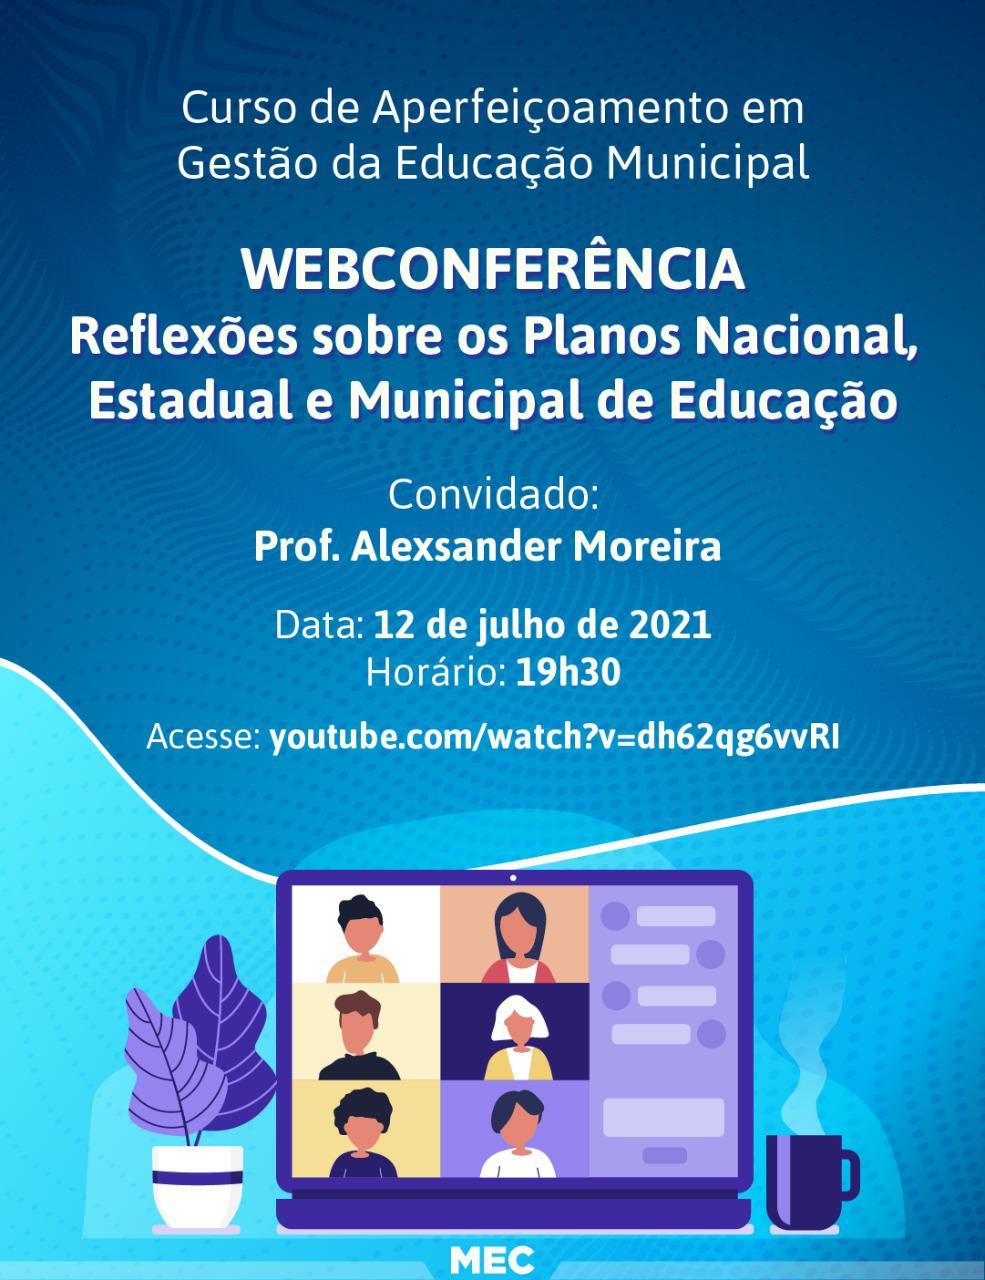 Planos Nacional, Estaduais e Municipais de Educação serão discutidos em webconferência